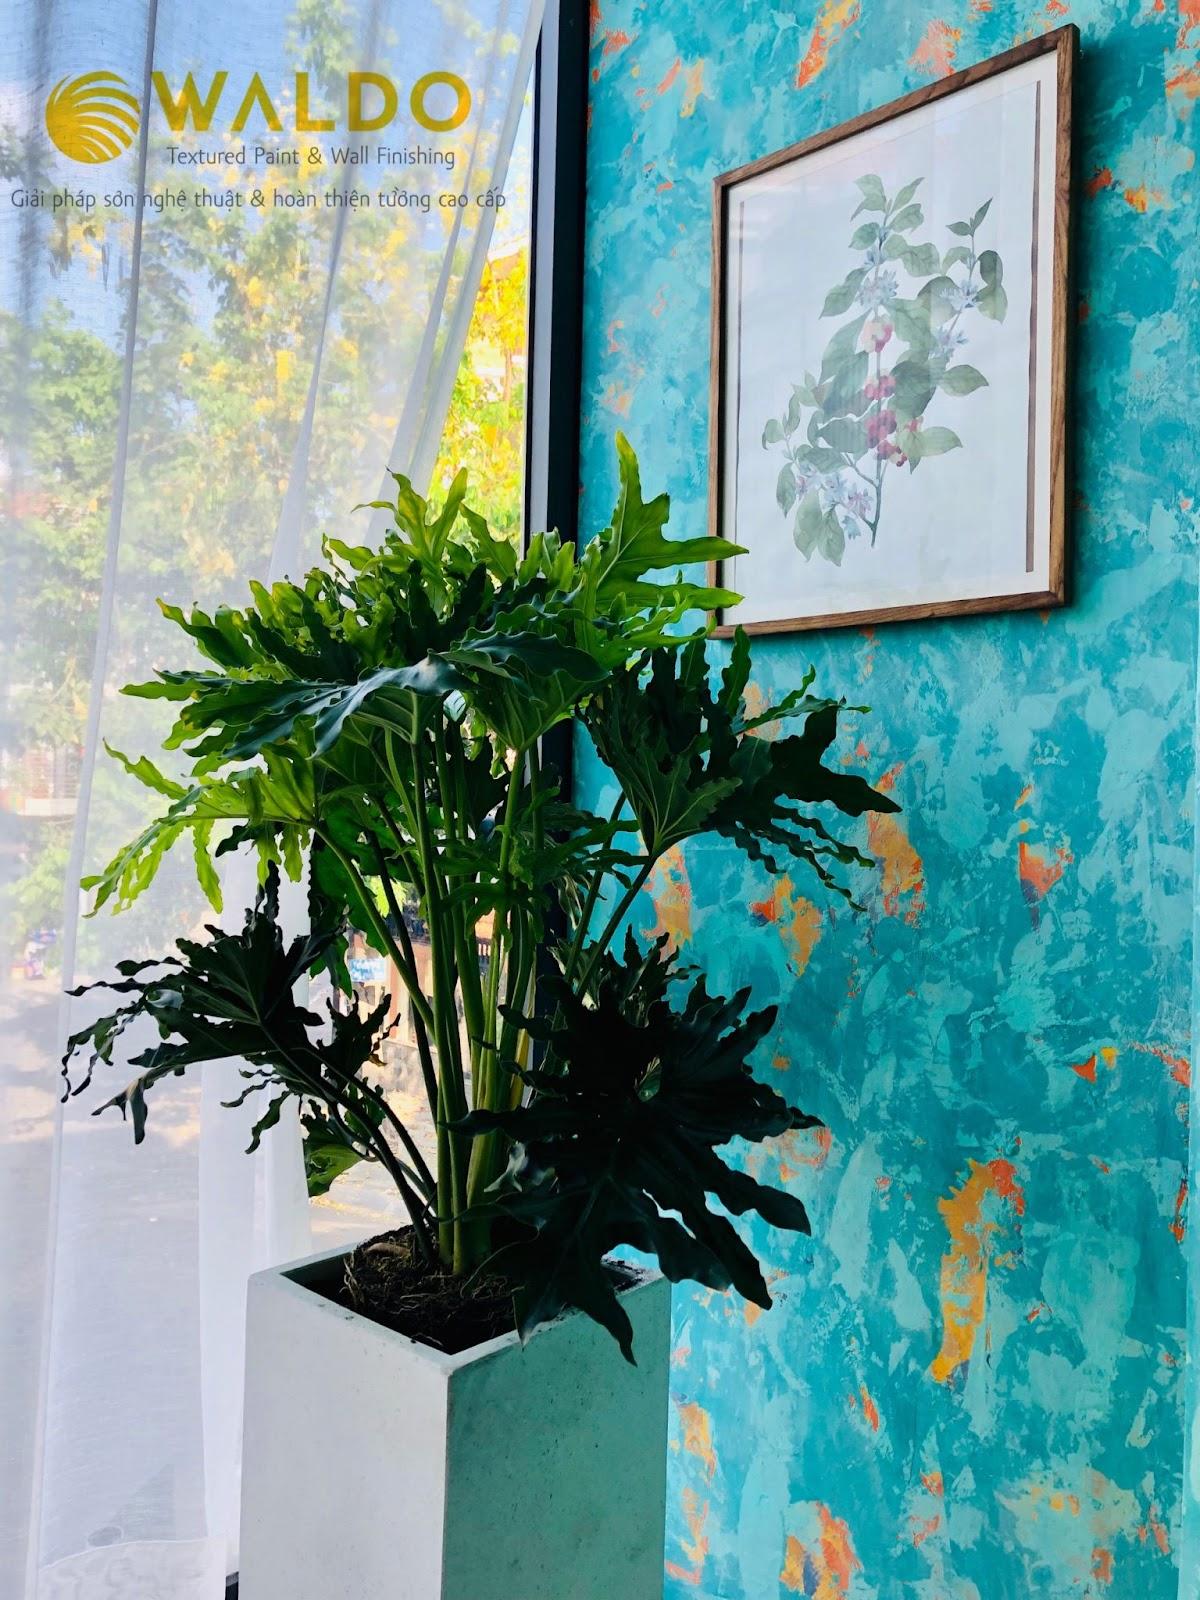 Sơn hiệu ứng Waldo - Vị trí sơn hiệu ứng - Sơn hiệu ứng thiết kế riêng Waldo đẹp mắt cho vị trí bề mặt tường